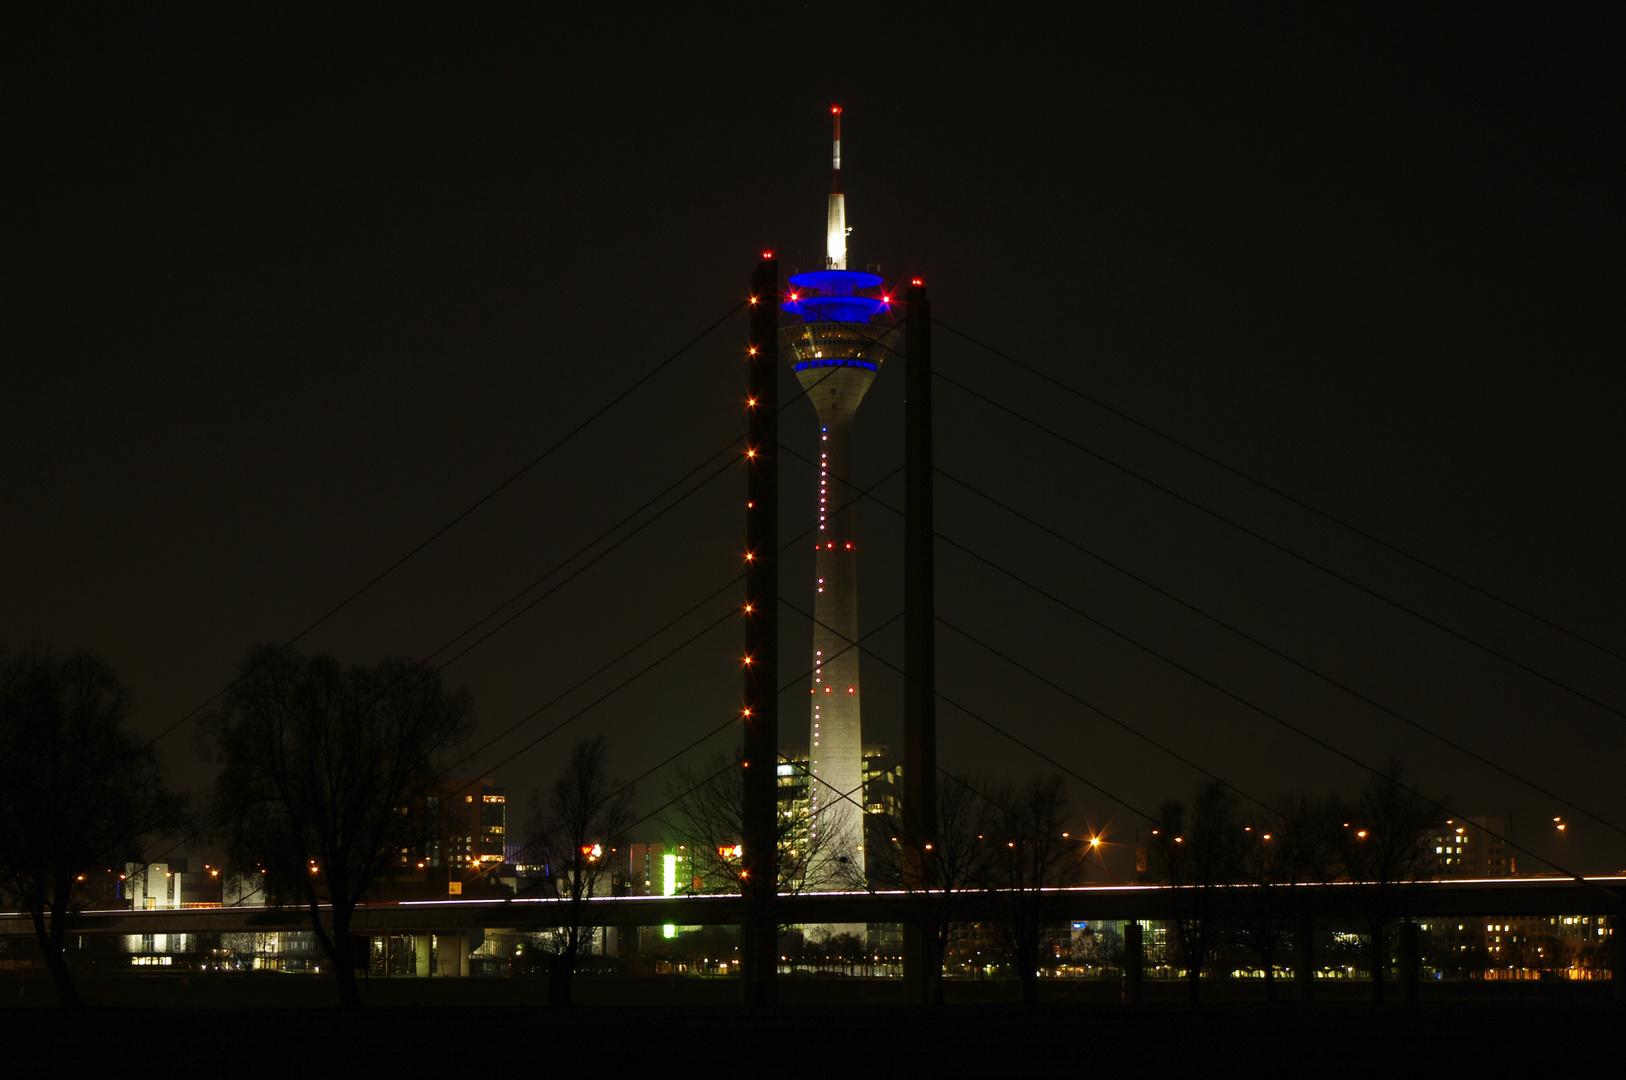 Düsseldorf Fernsehturm und Rhein-Knie-Brücke